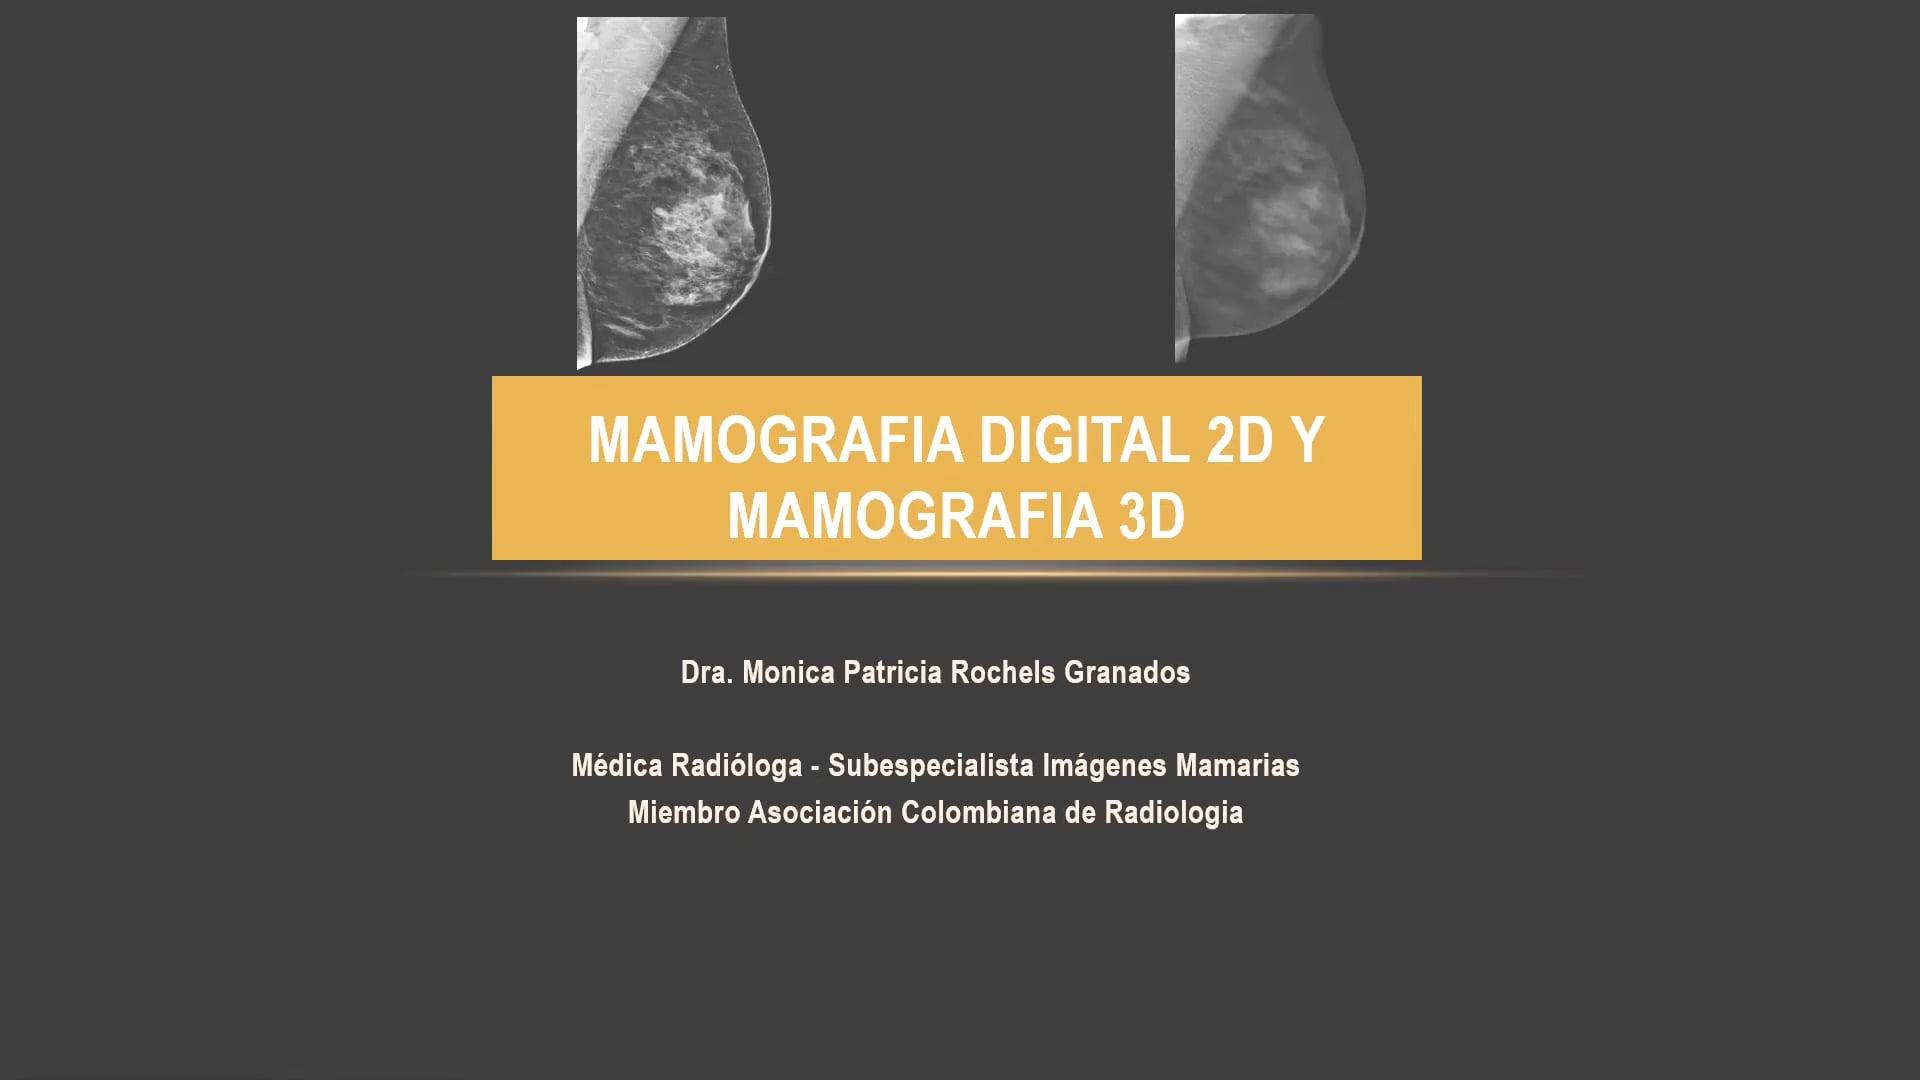 Mama_Mamografía 2D y 3D